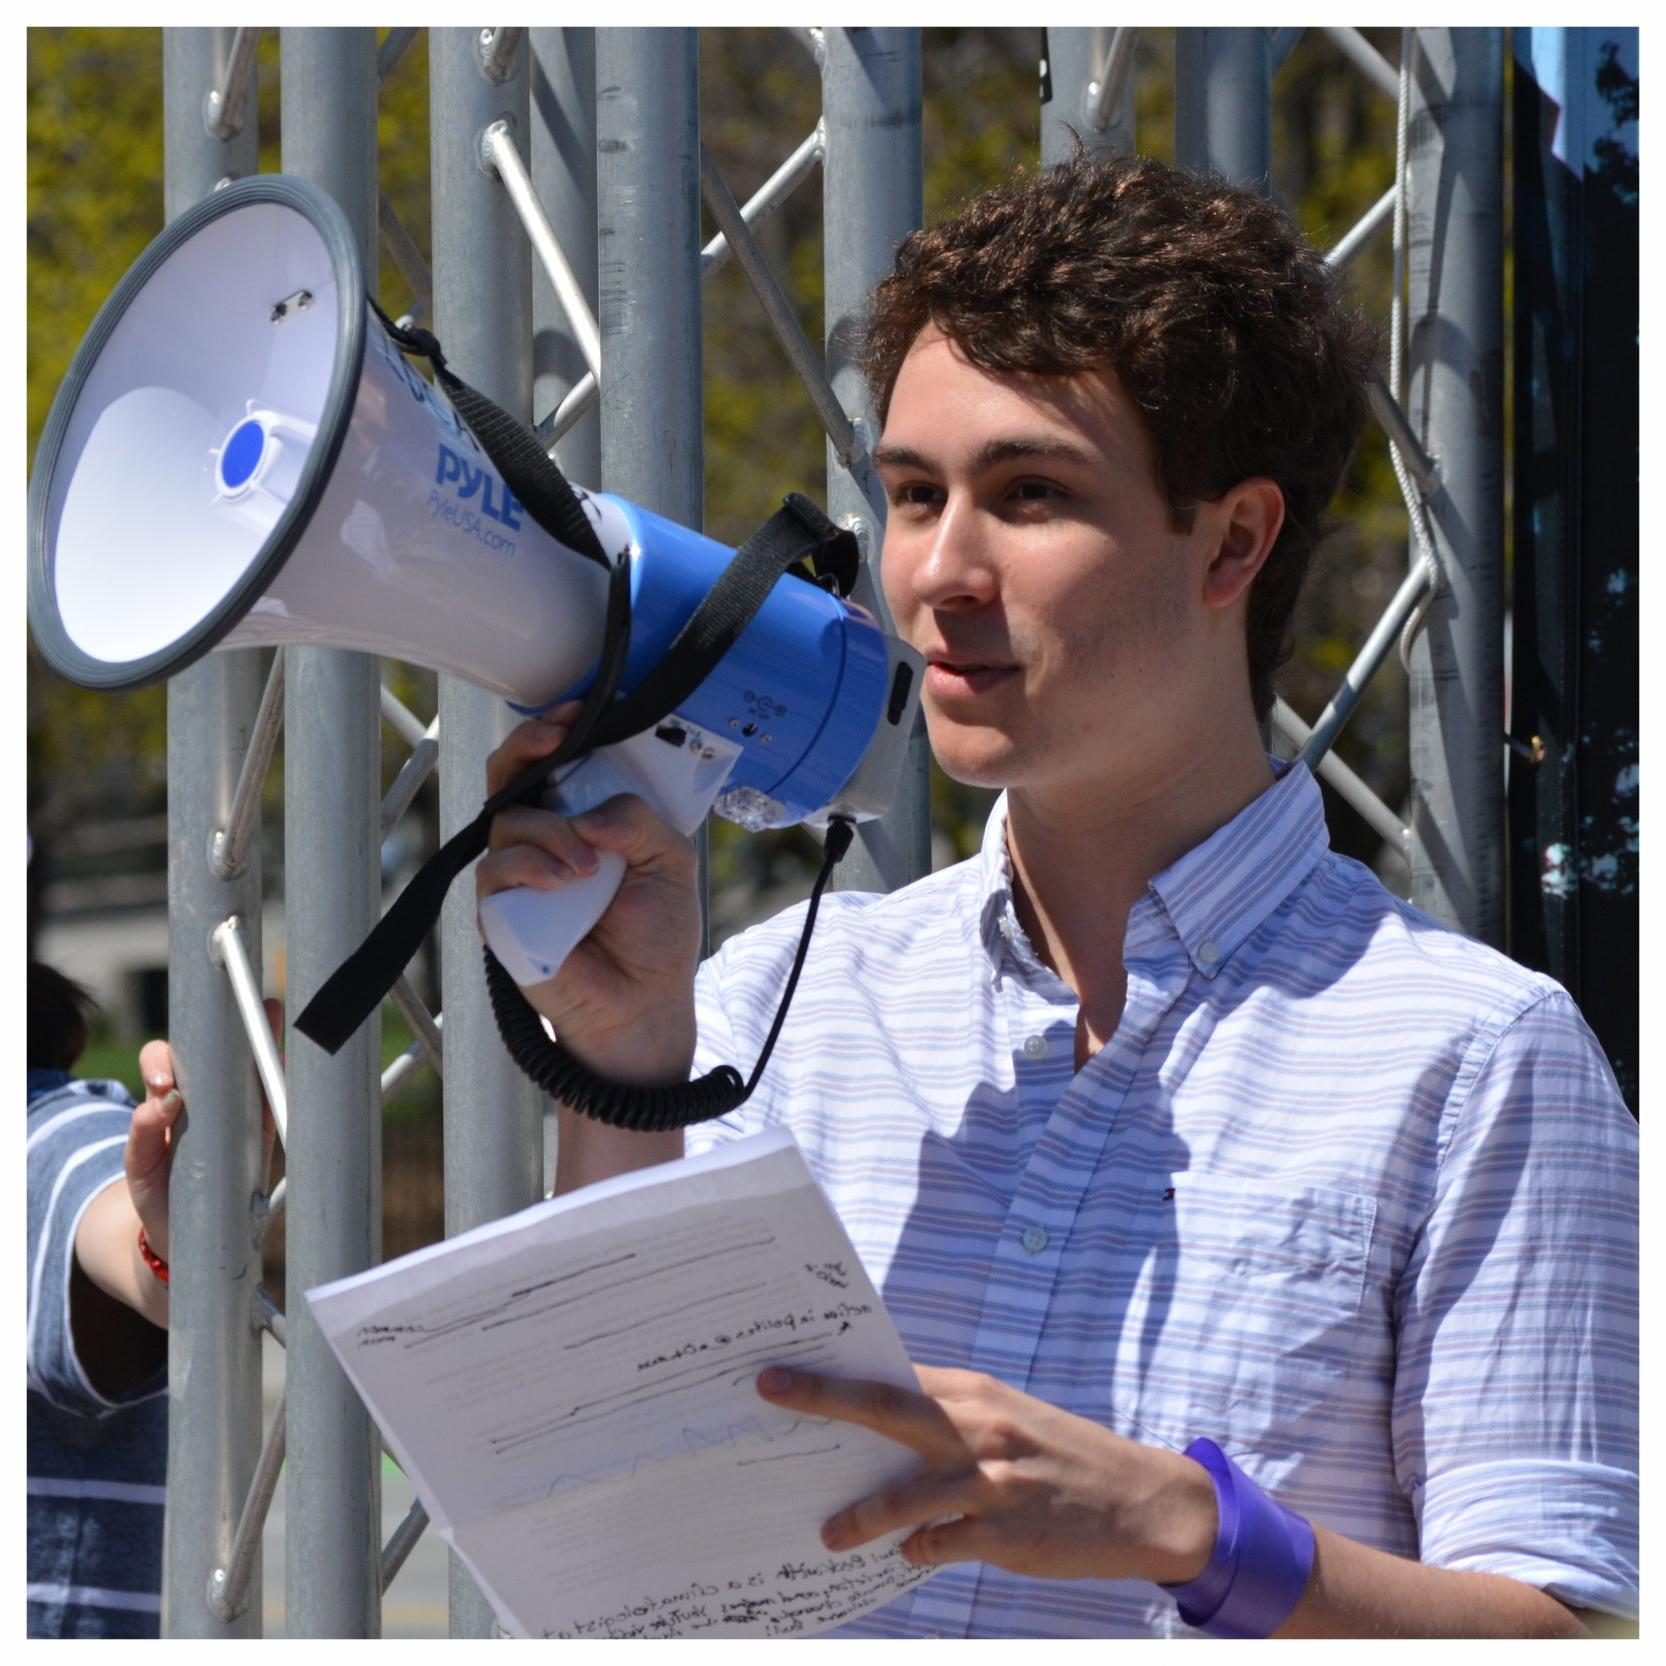 Ontario: Jeremy Leite